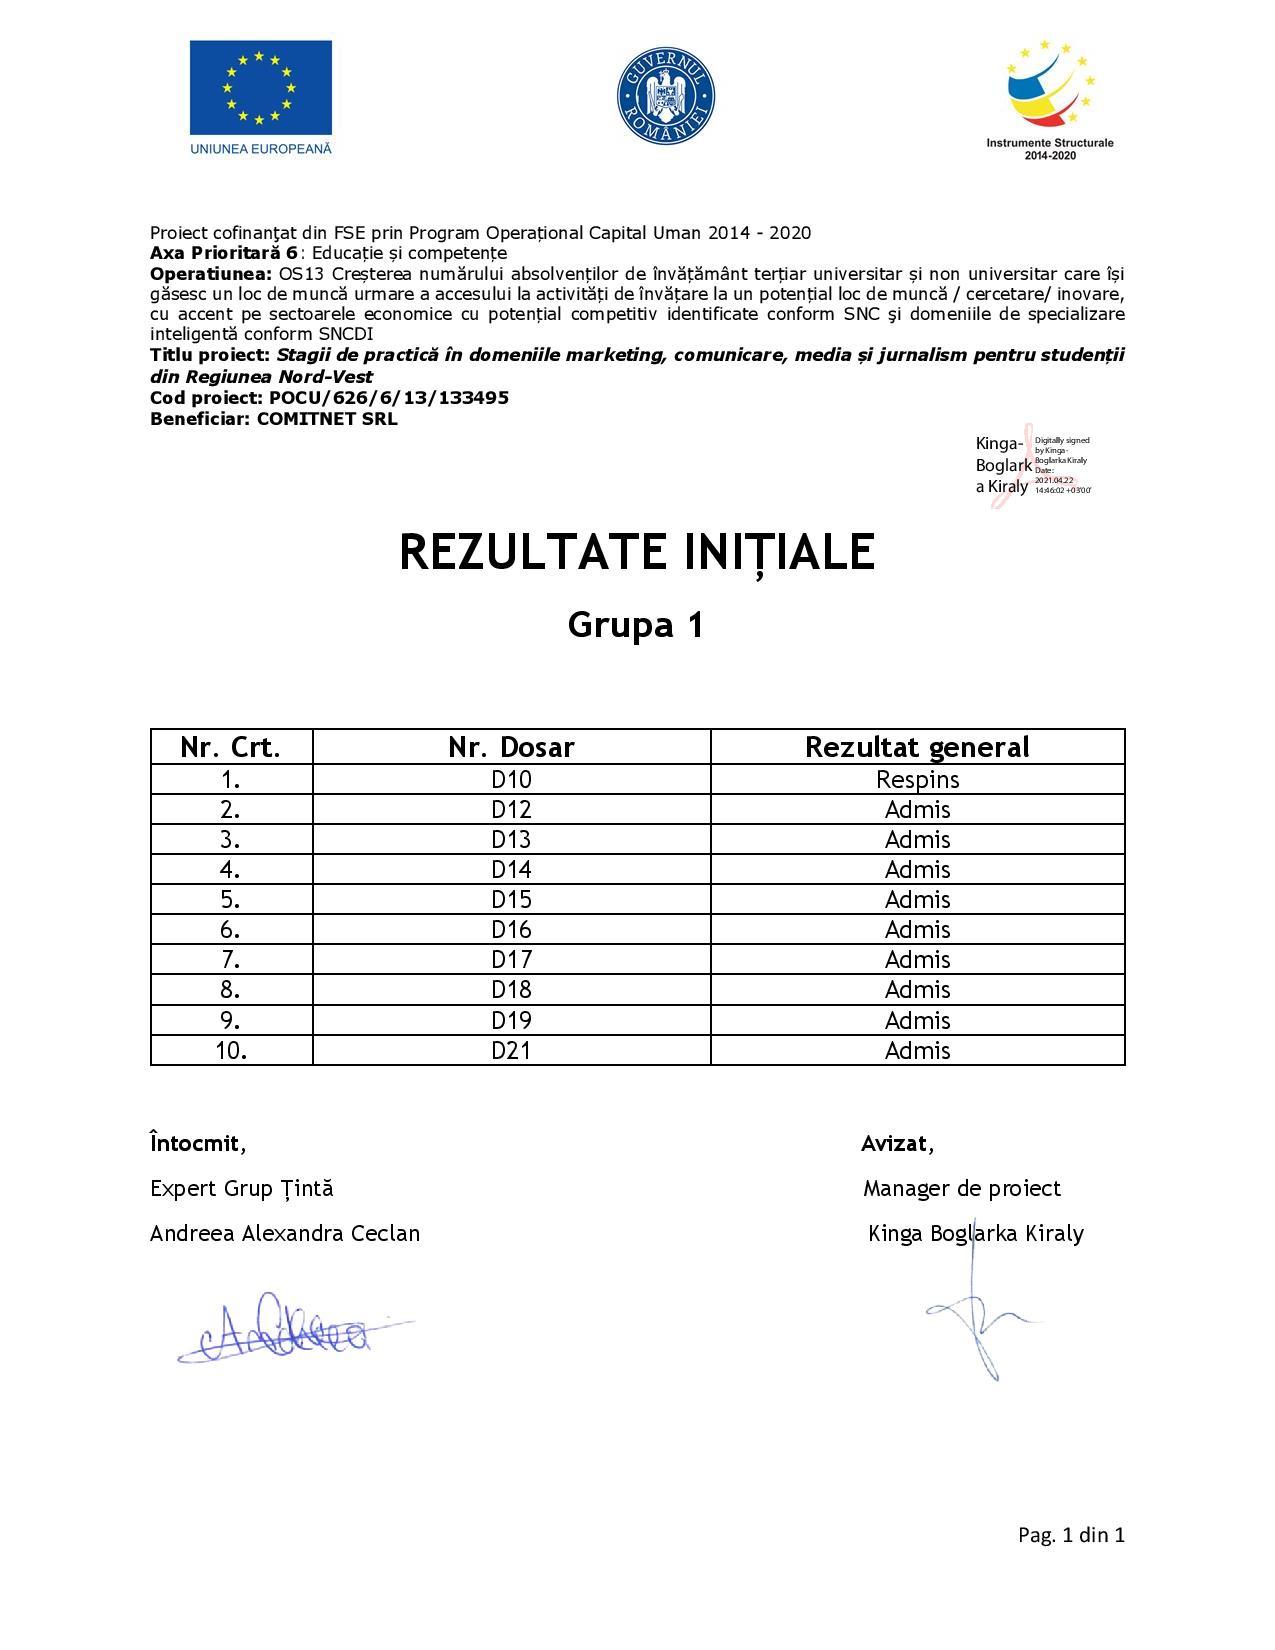 [Stagii de Practică SEO 365] Rezultate inițiale - Grupa I